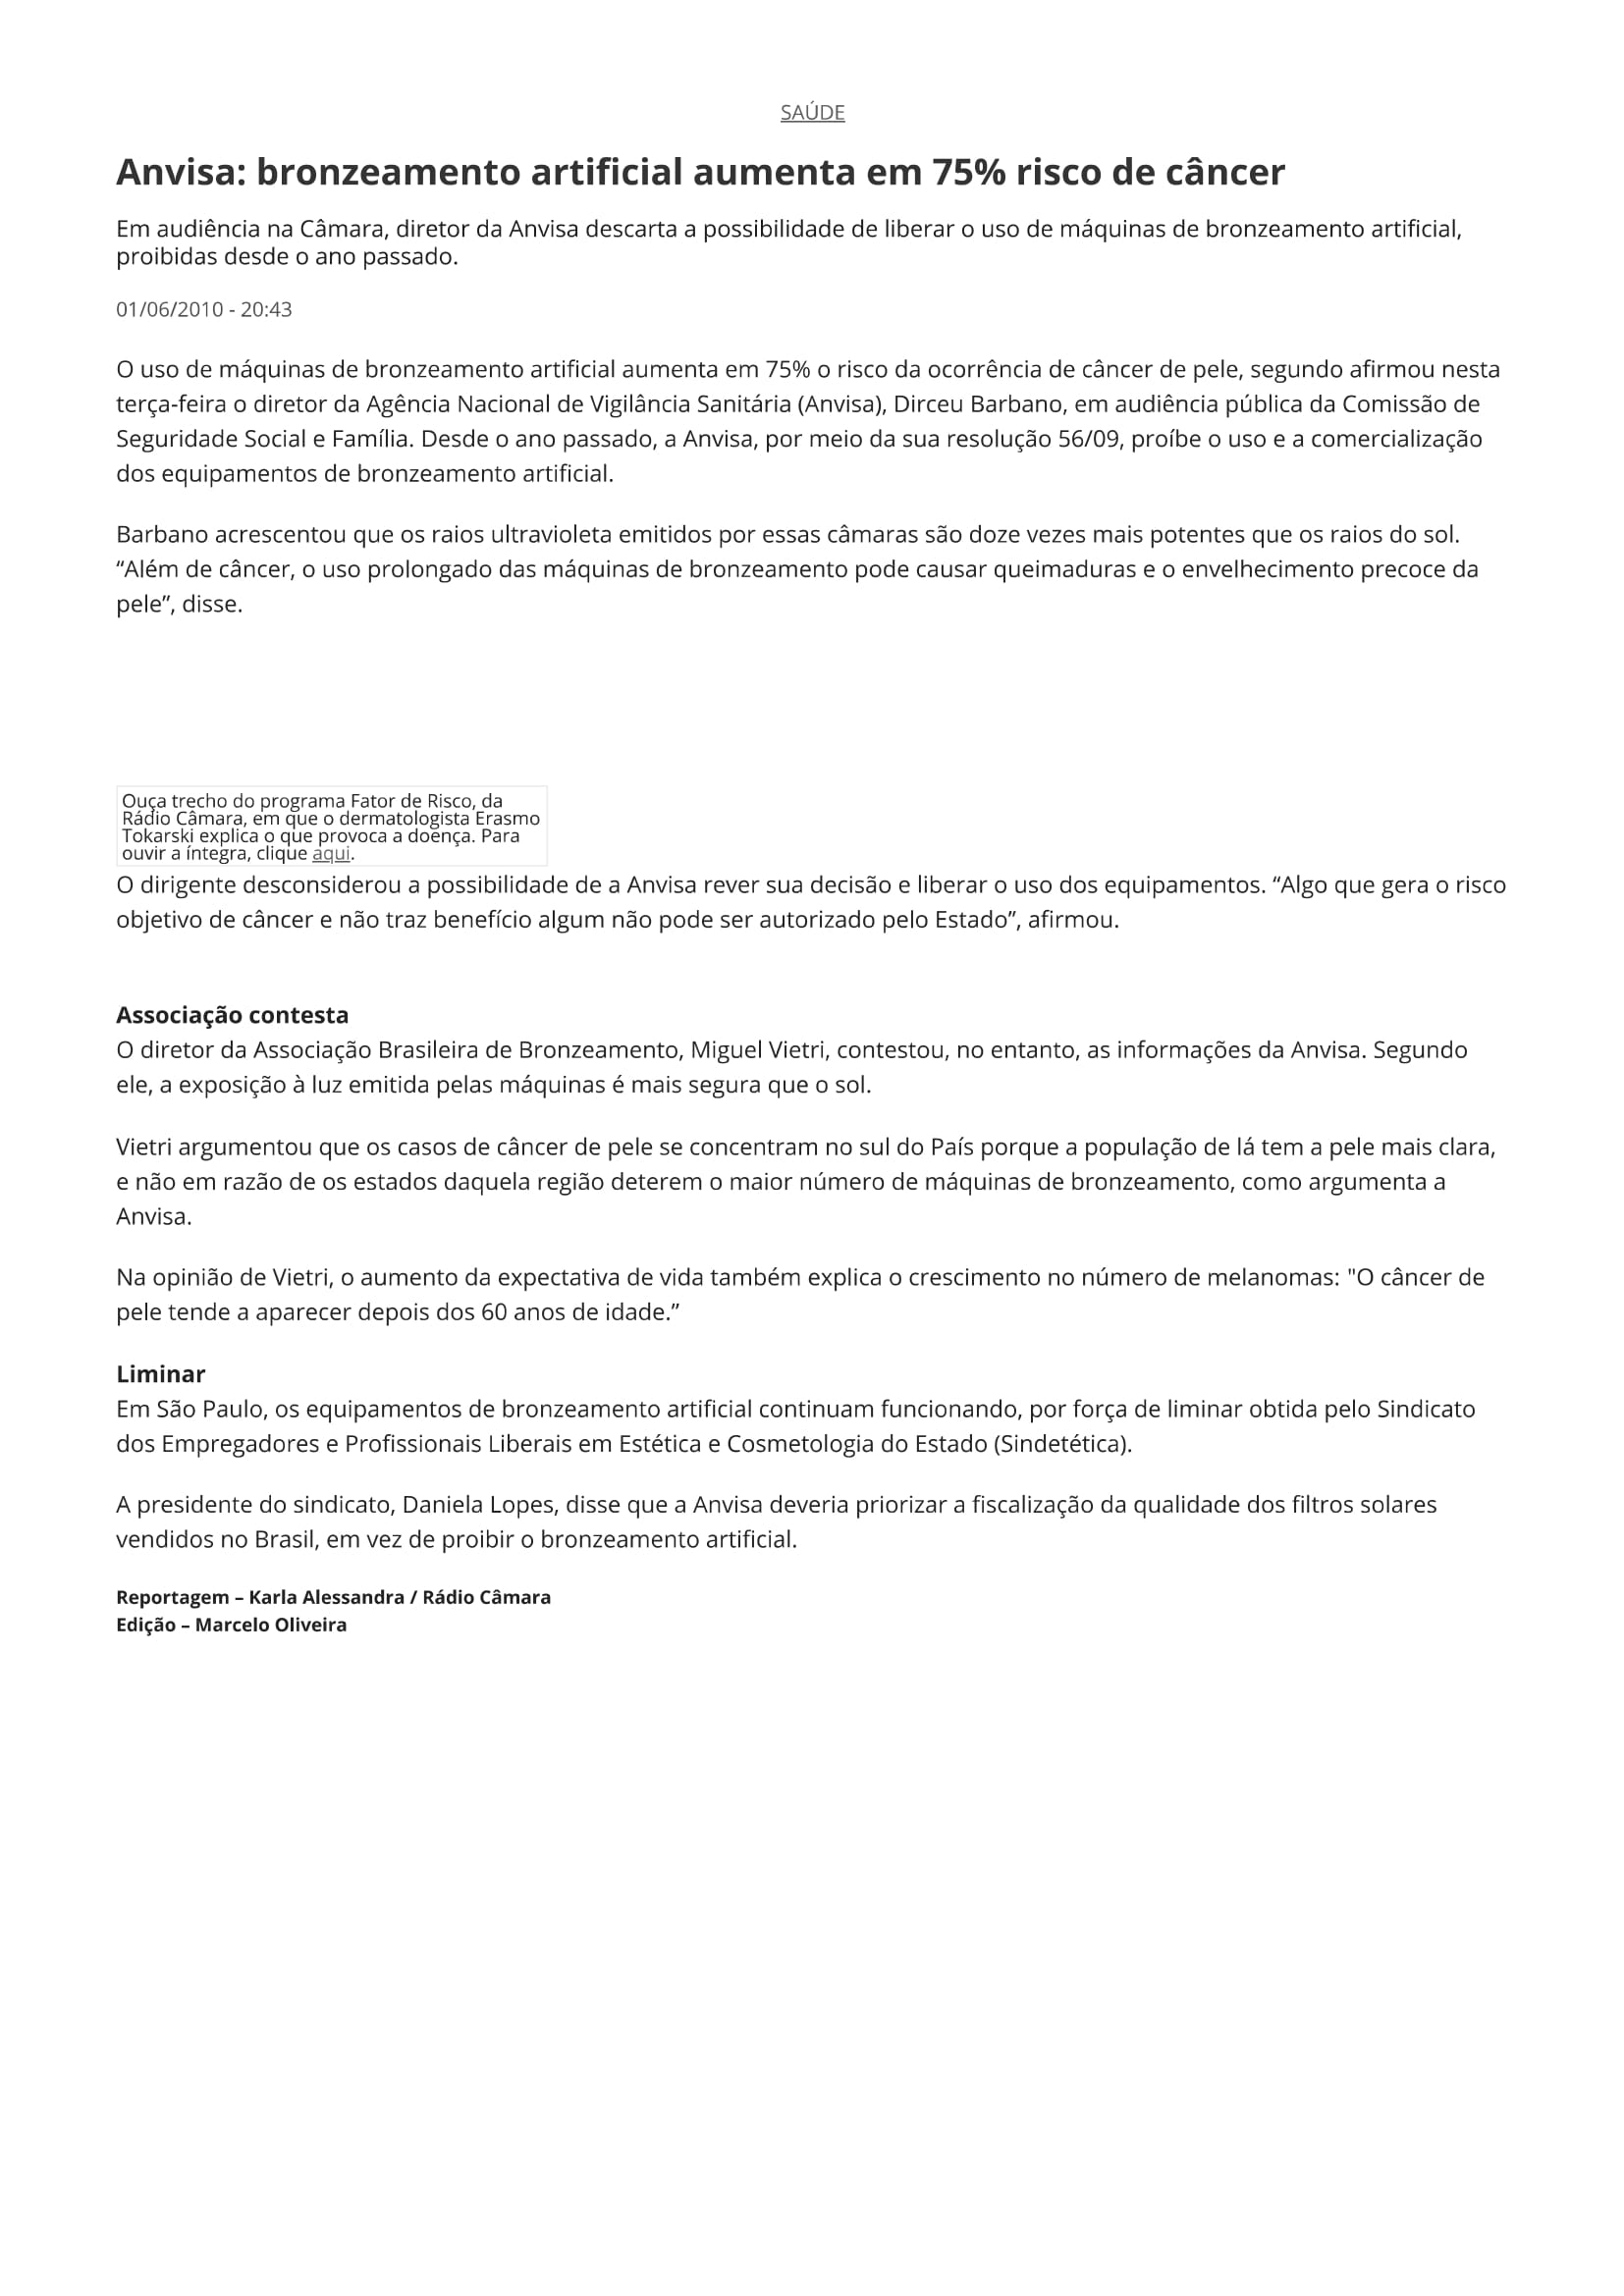 Anvisa: bronzeamento artificial aumenta em 75% risco de câncer